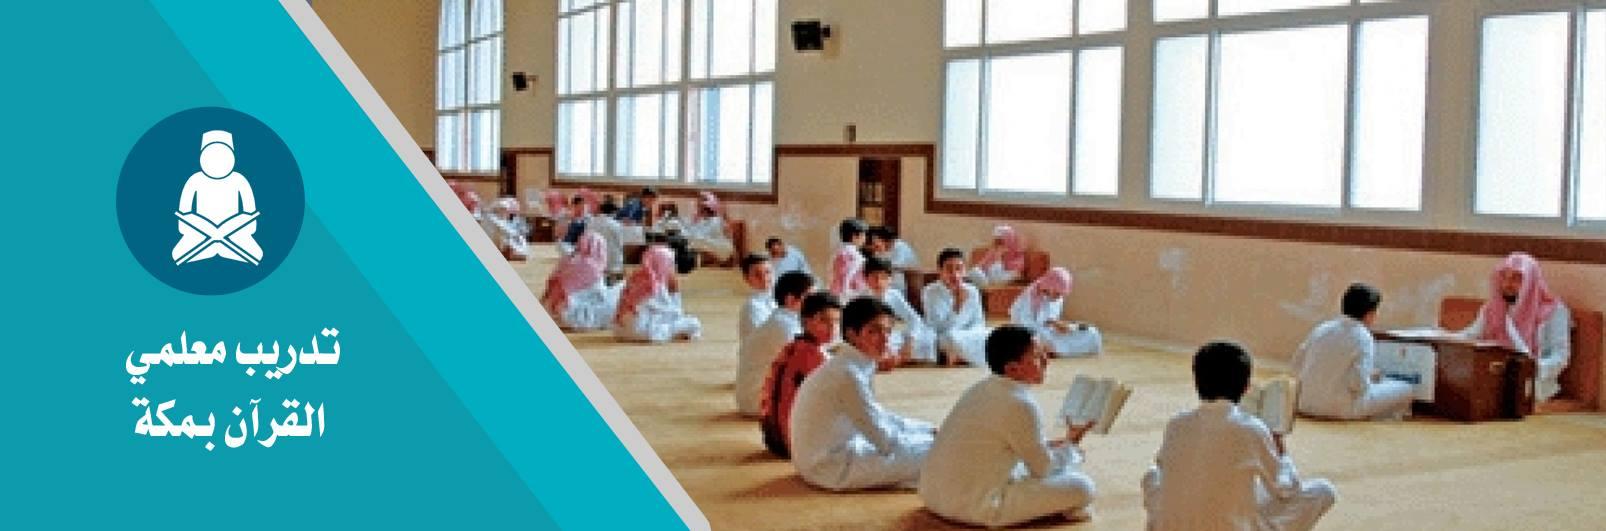 أهم المشاريع : تدريب معلمي القرآن